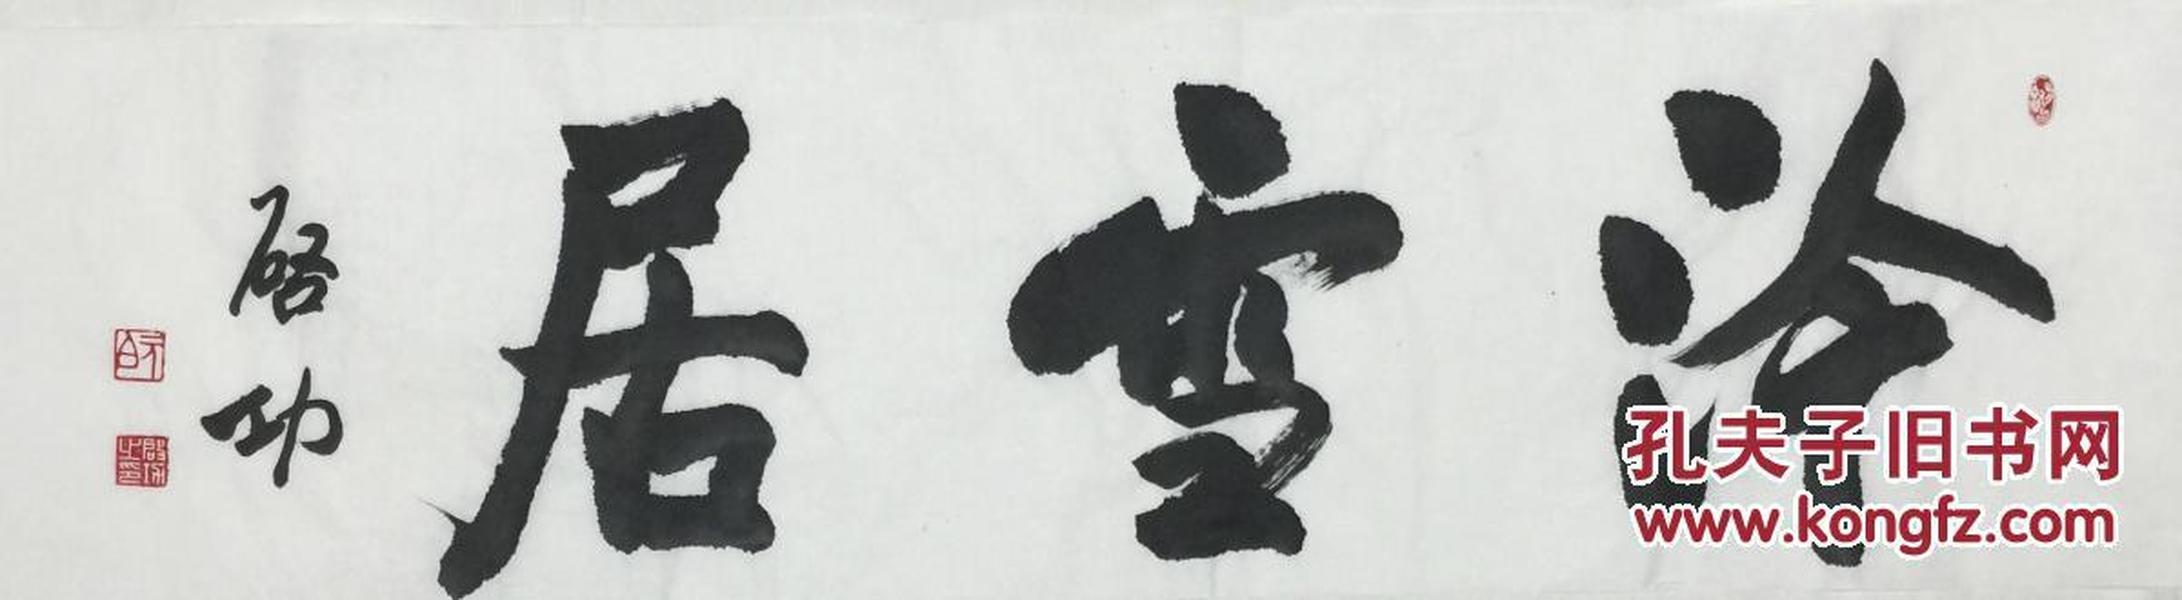 ★【顺丰包邮】【纯手绘】【启功】、纯手绘、四尺对开(138*35cm)49、特价,数量不多,包邮,手慢无。买家自鉴